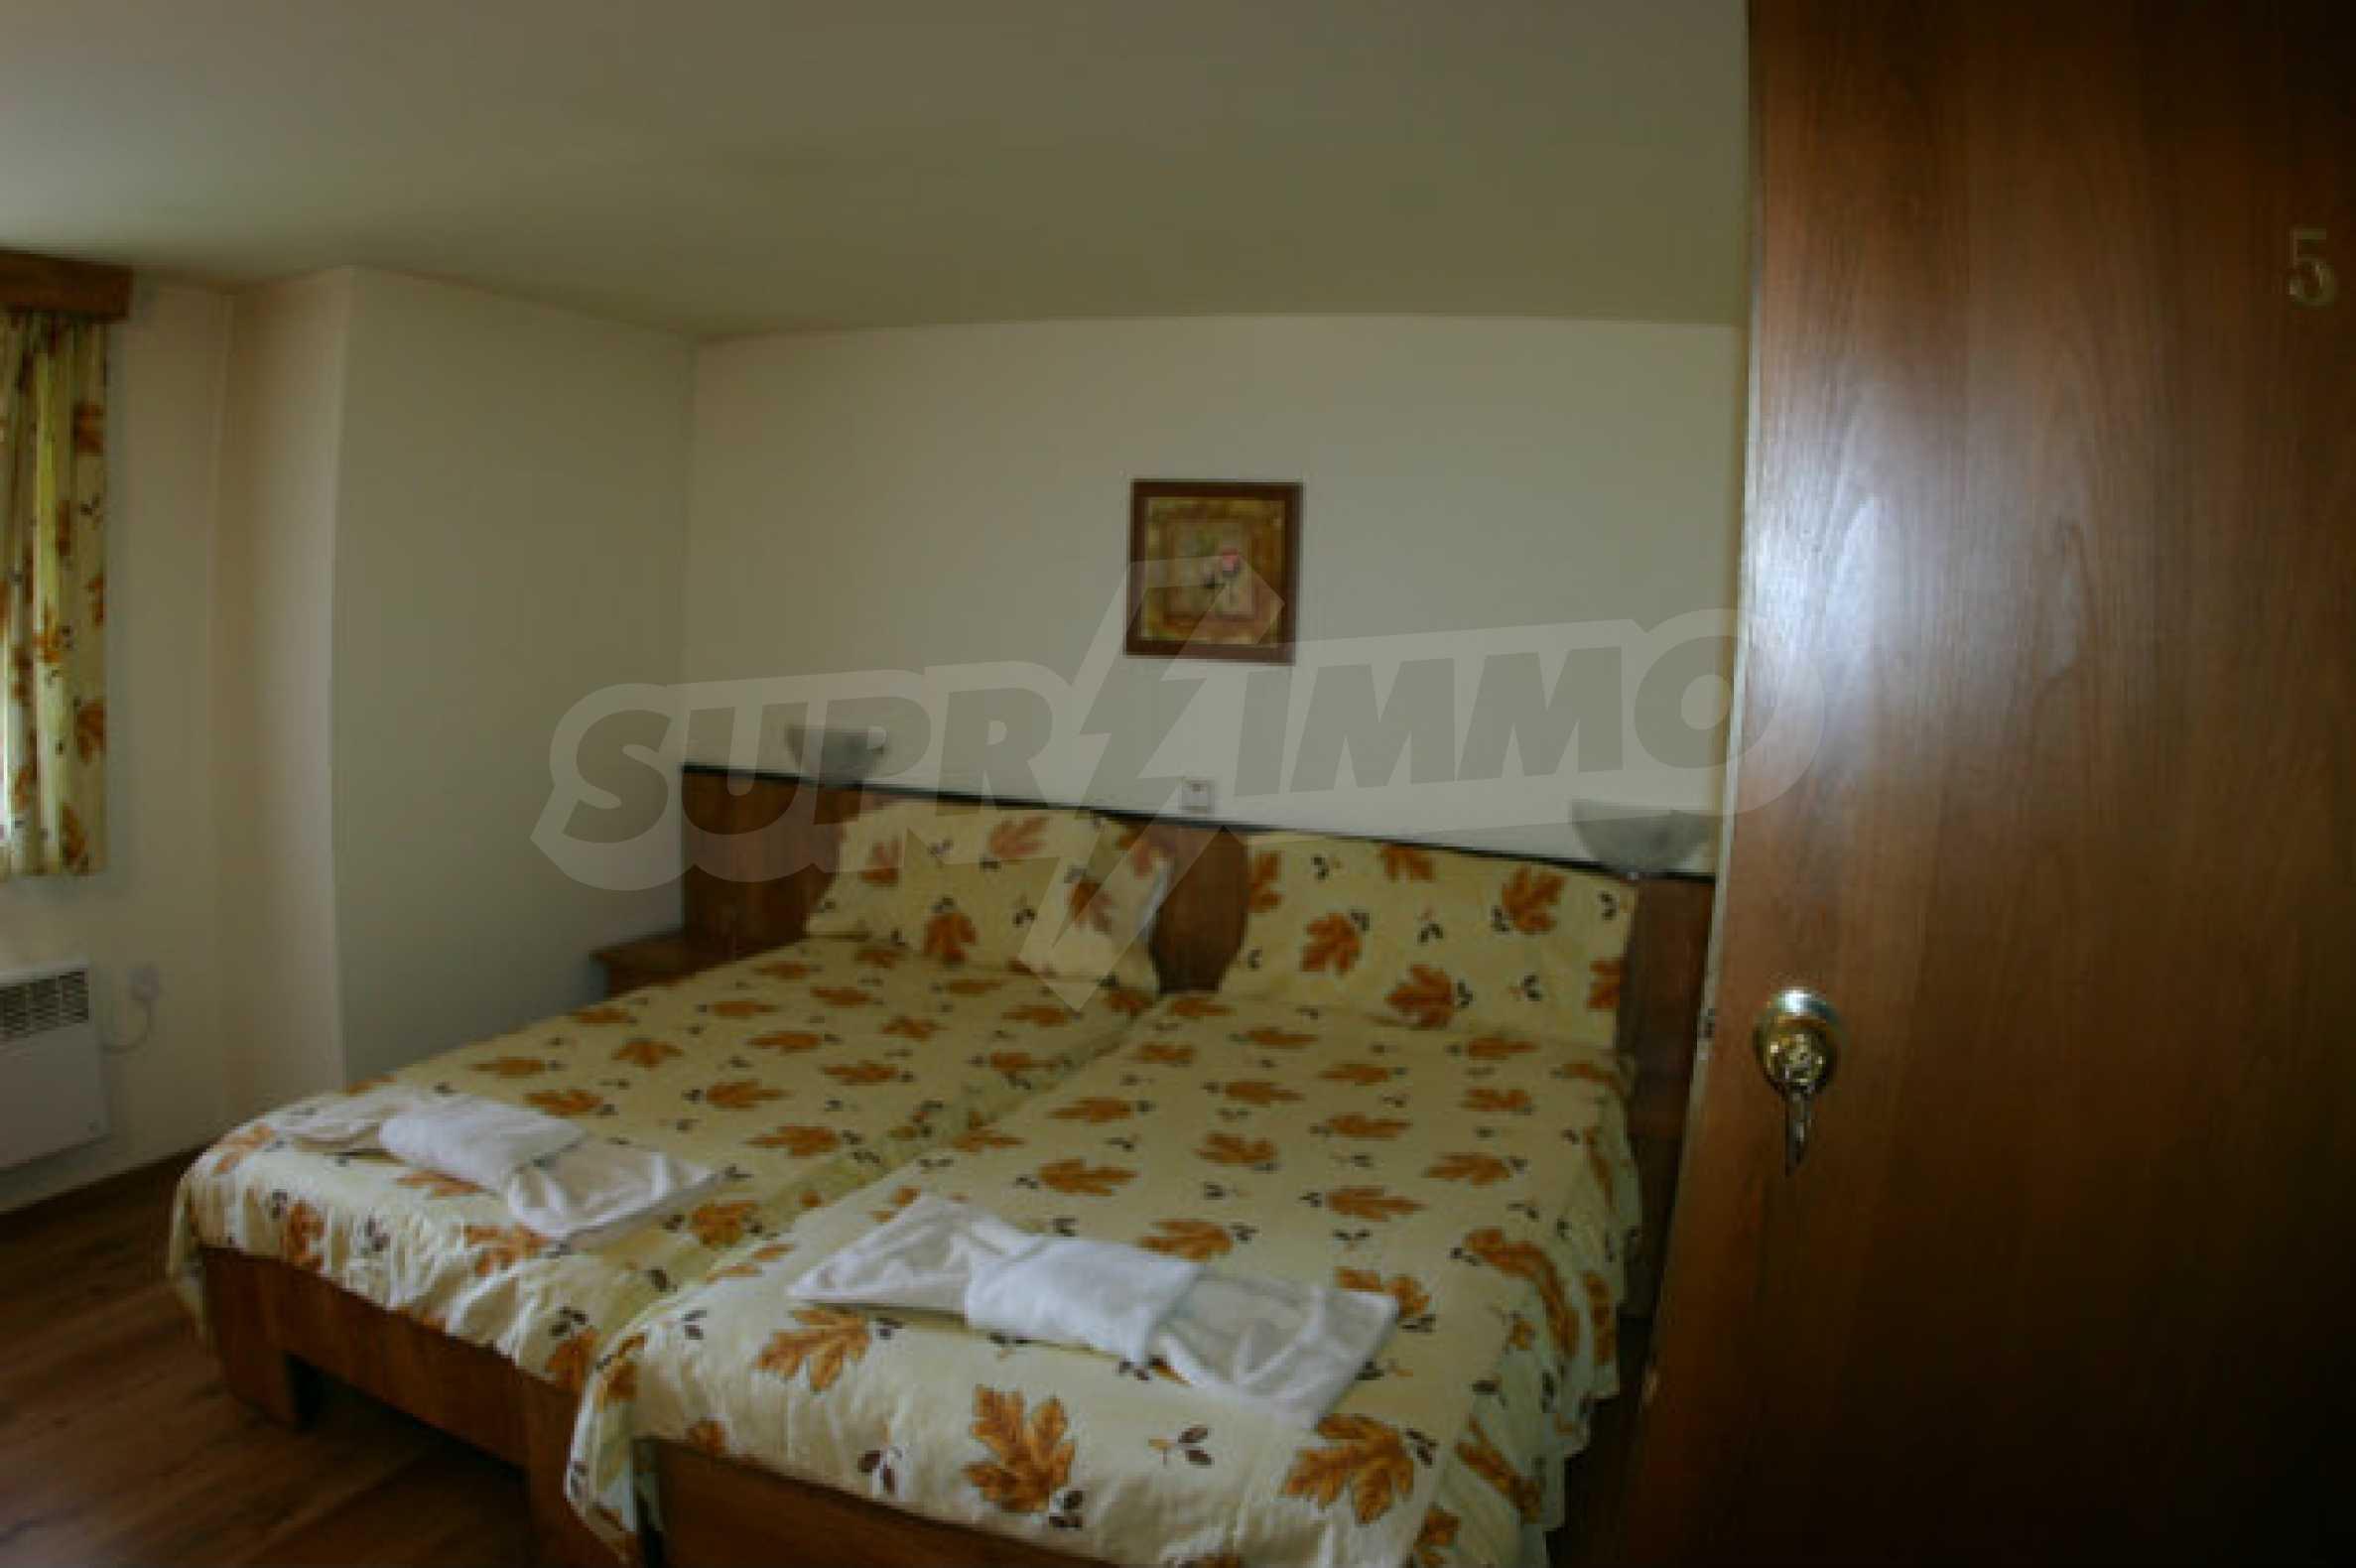 Familienhotel zum Verkauf in Dobrinischte, 6 km von Bansko entfernt 34